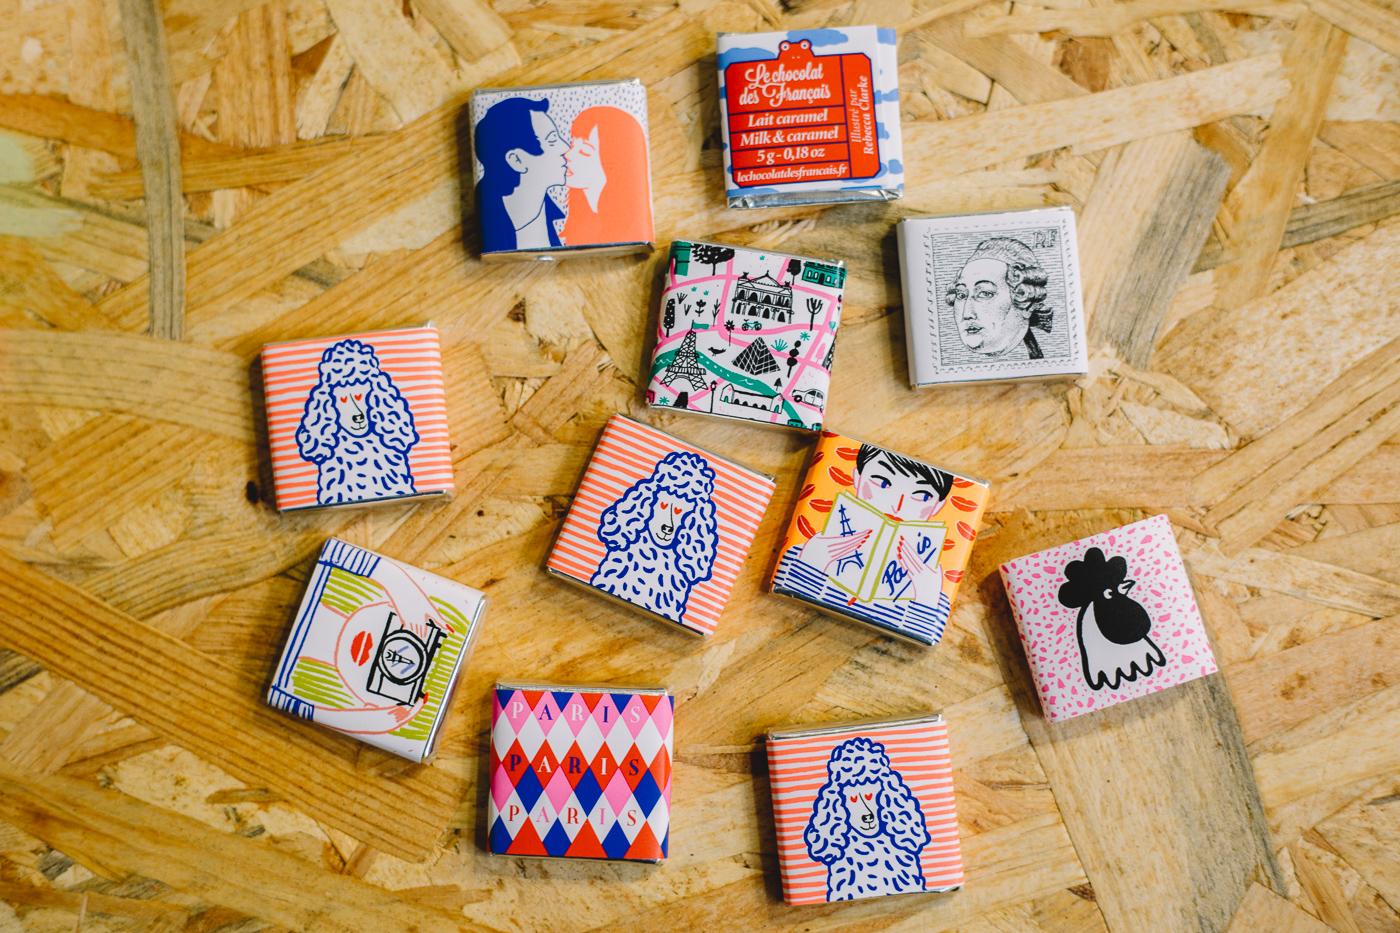 Petits carrés individuels Le Chocolat des Français sur une table